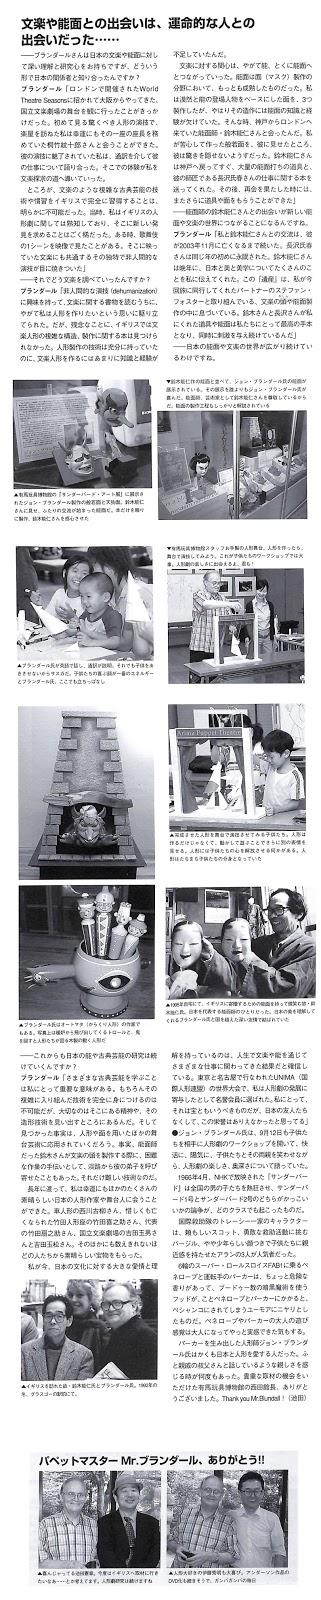 【超安い】!!シューズドレッサーパンプス(5cmヒール)(パンプス) UNTITLED(アンタイトル)のファッション新品入荷最安値!!